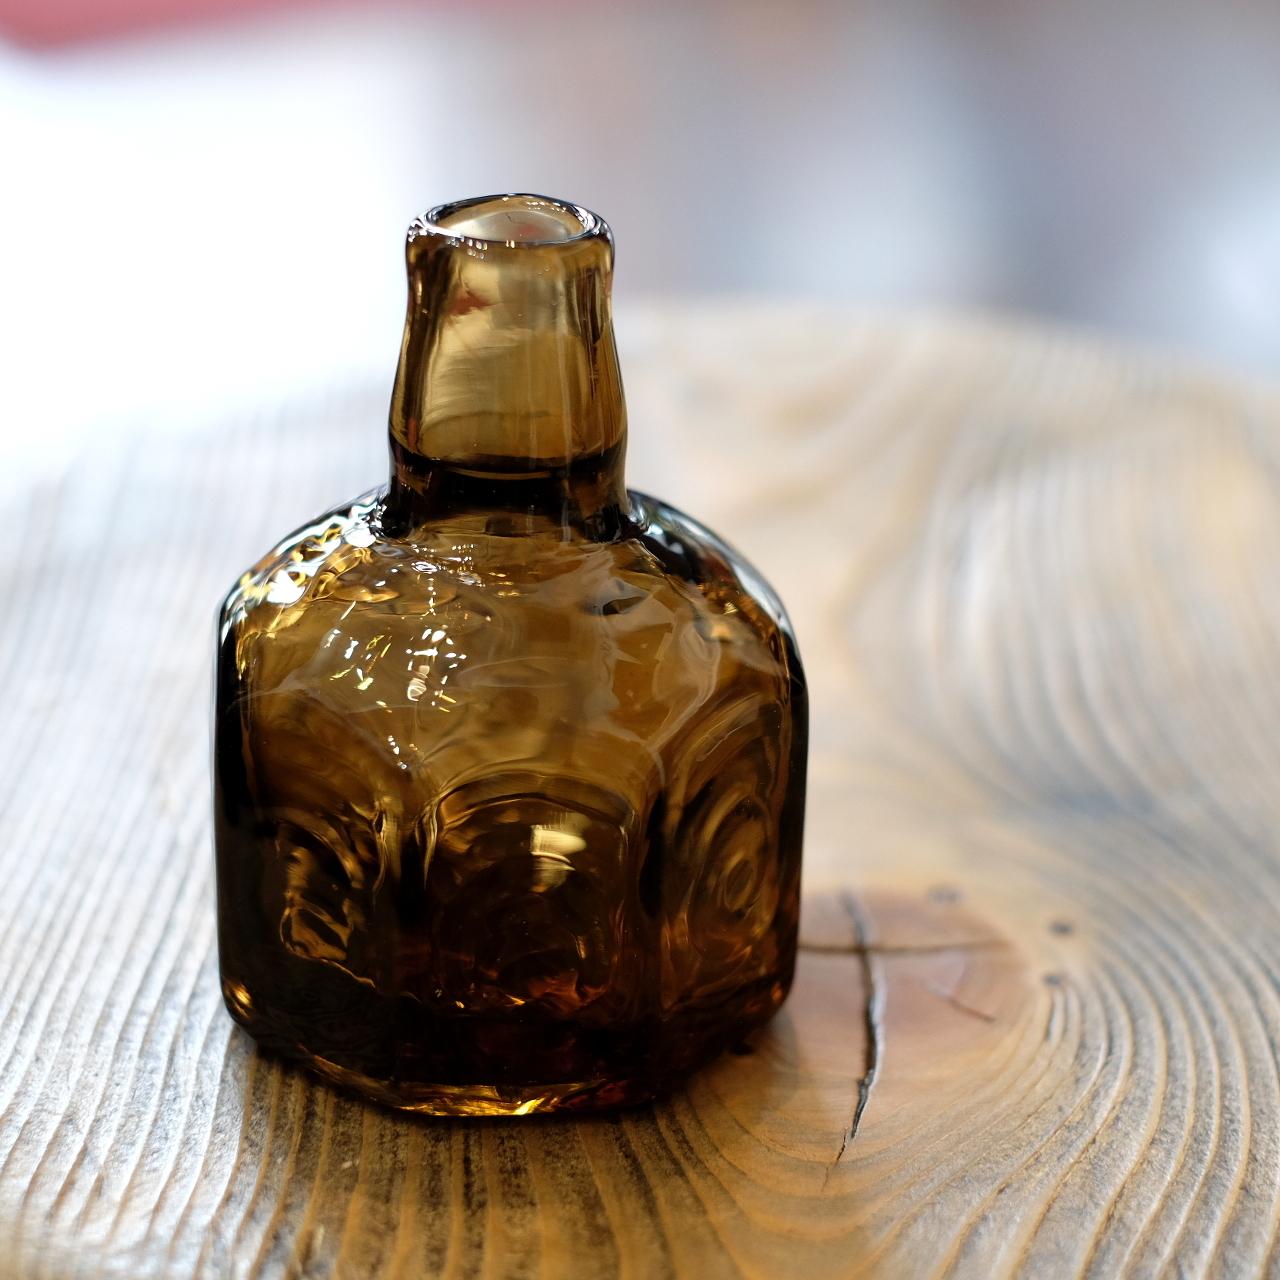 石川硝子工藝舎 八角小瓶(茶色) 石川昌浩